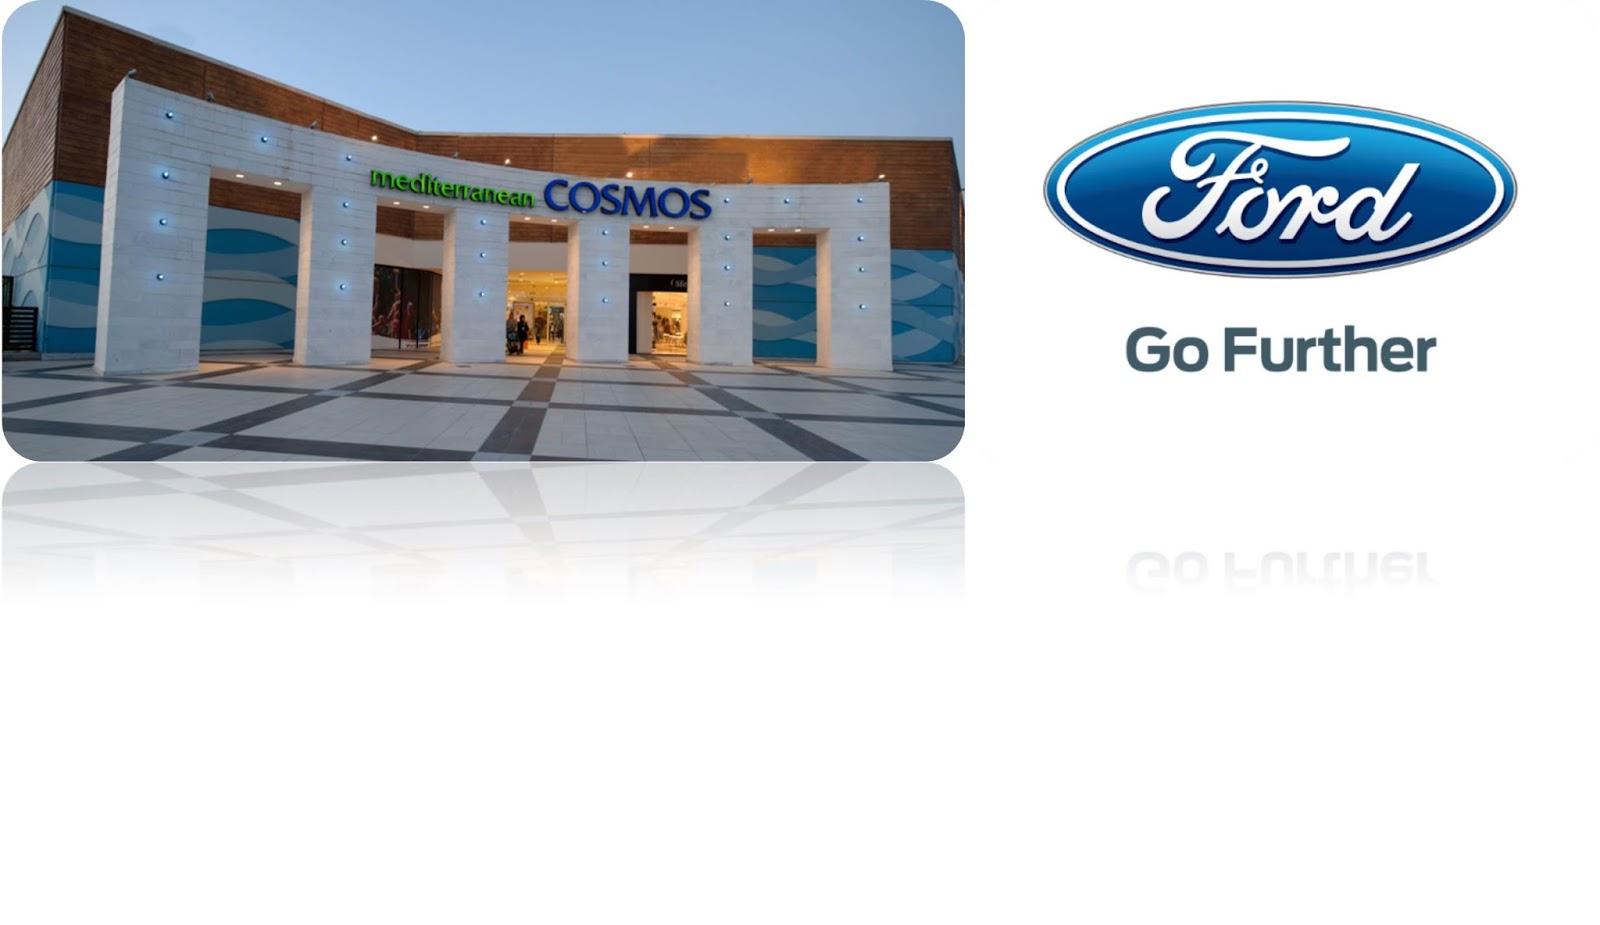 Ford2540MediterraneanCosmos